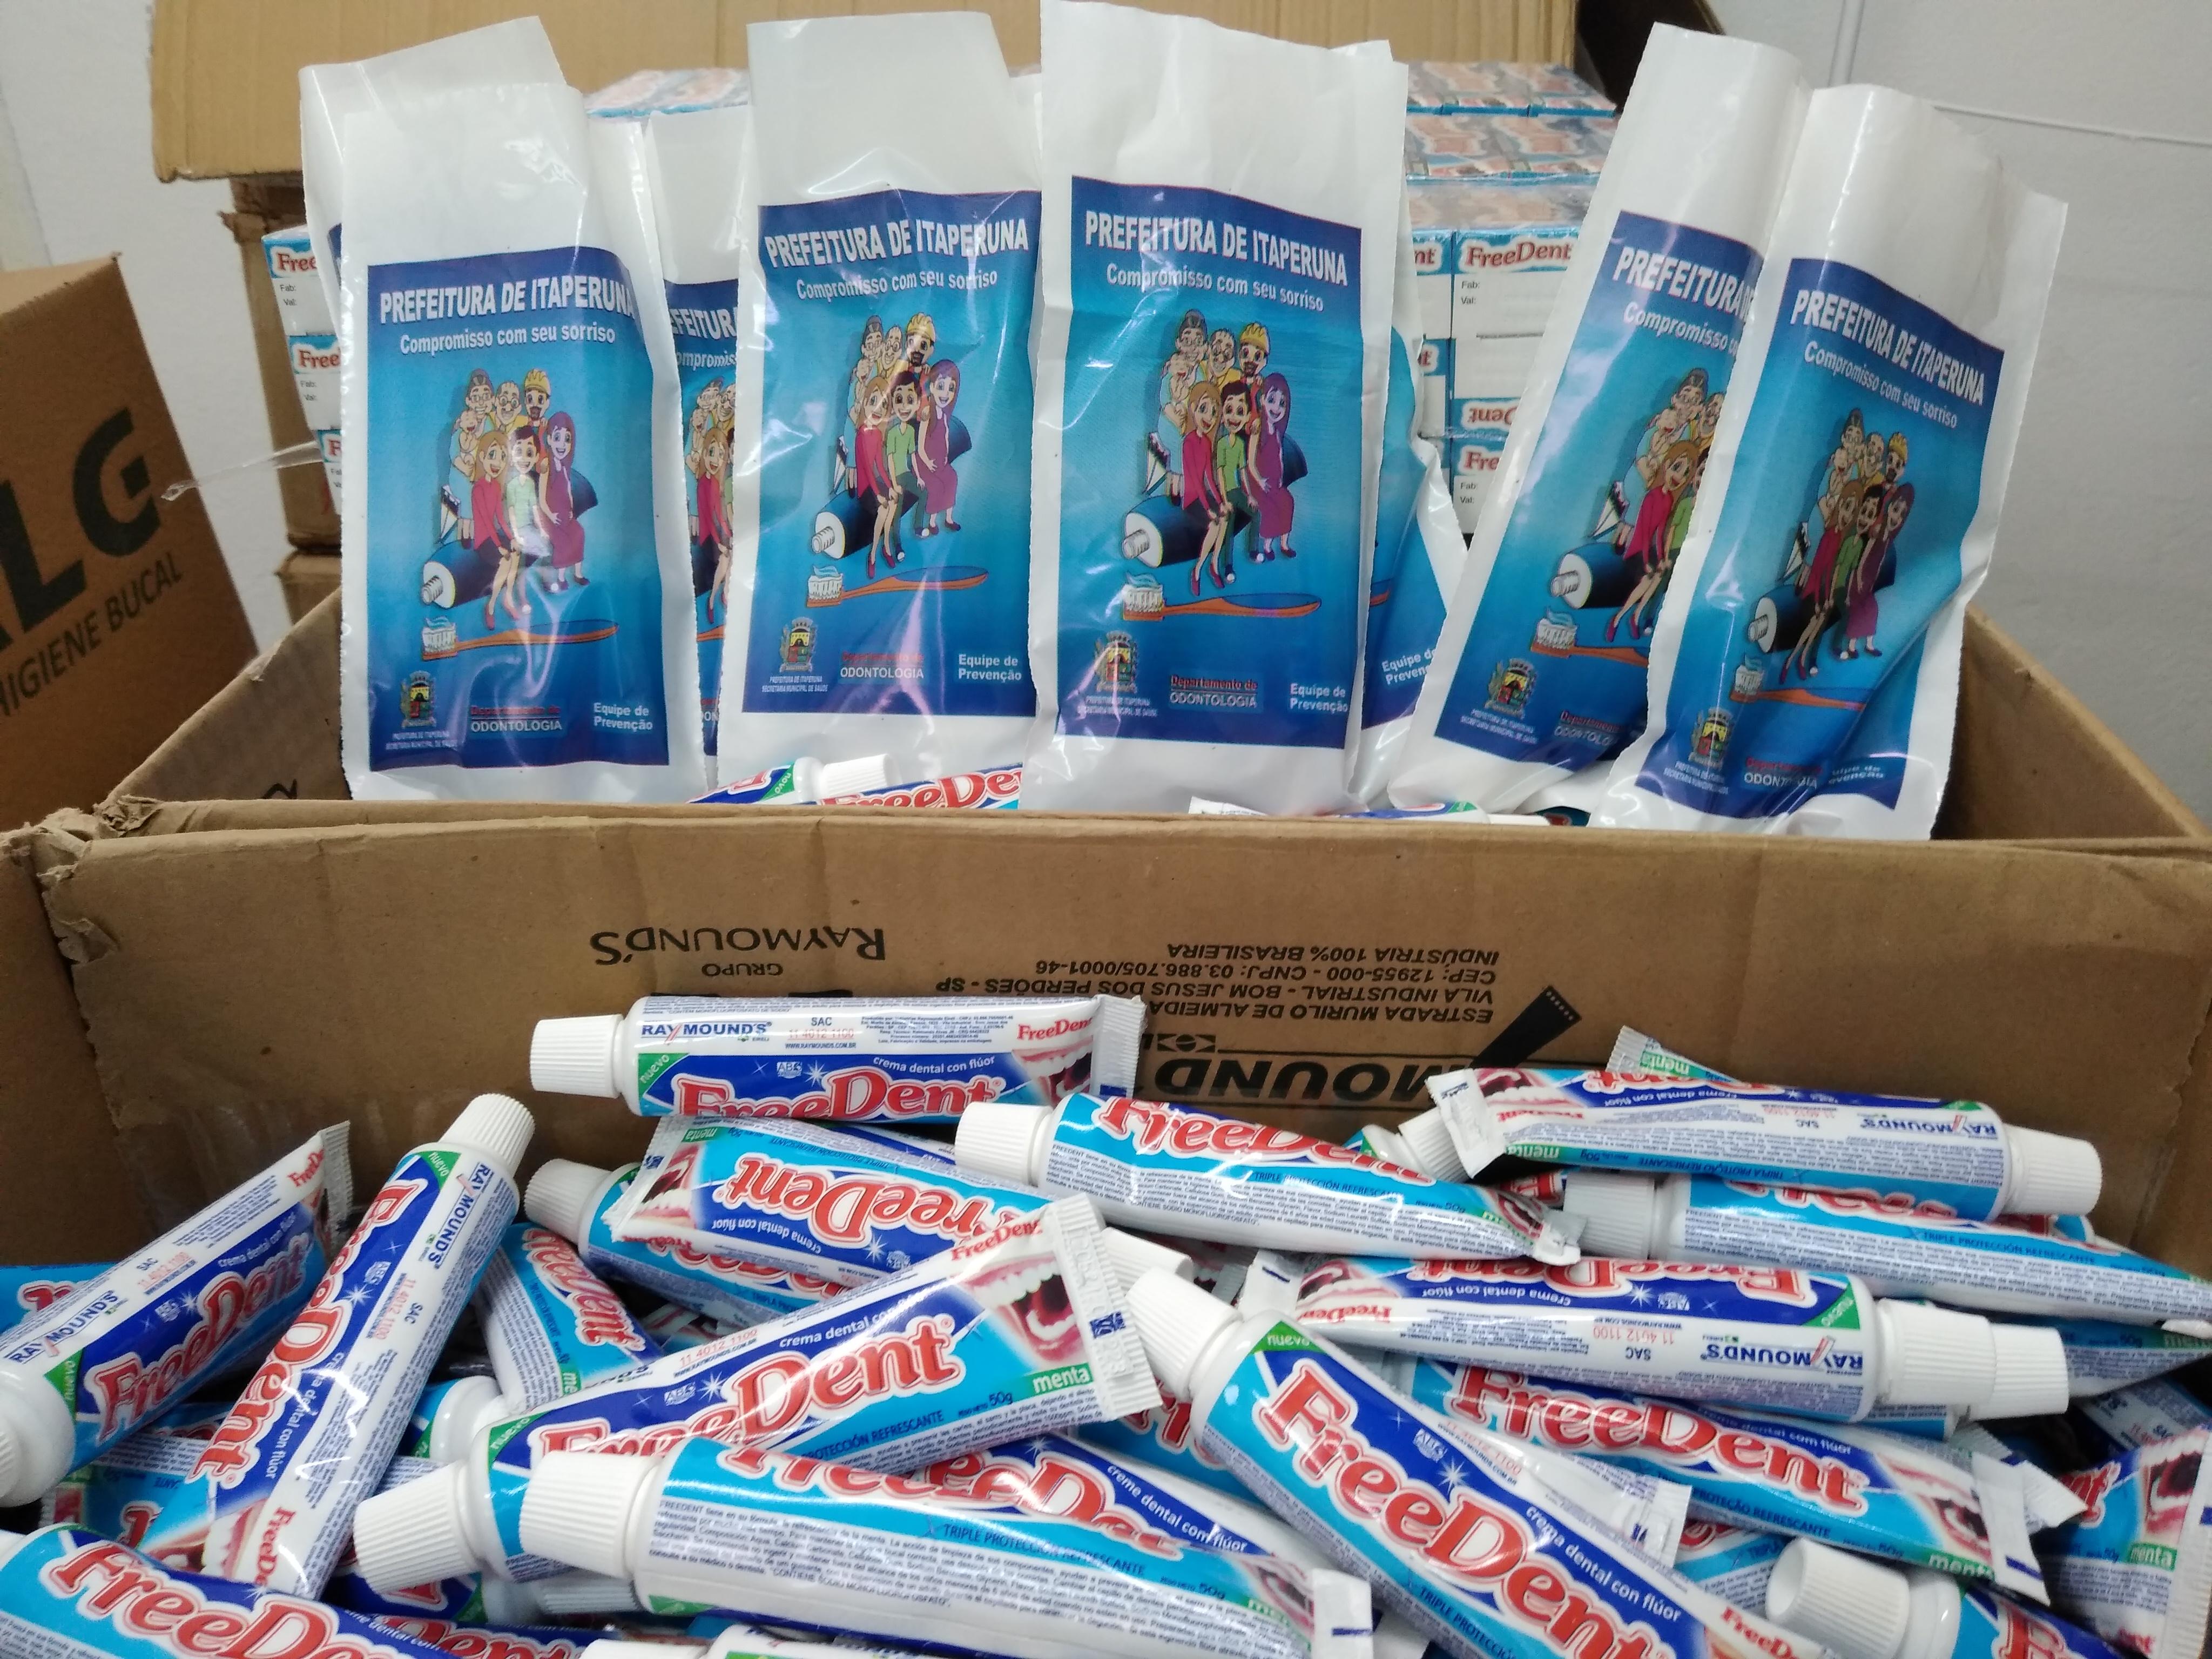 Nesta primeira etapa serão distribuídos 3.000 kits de higiene bucal para alunos da rede municipal. (Foto: Divulgação)